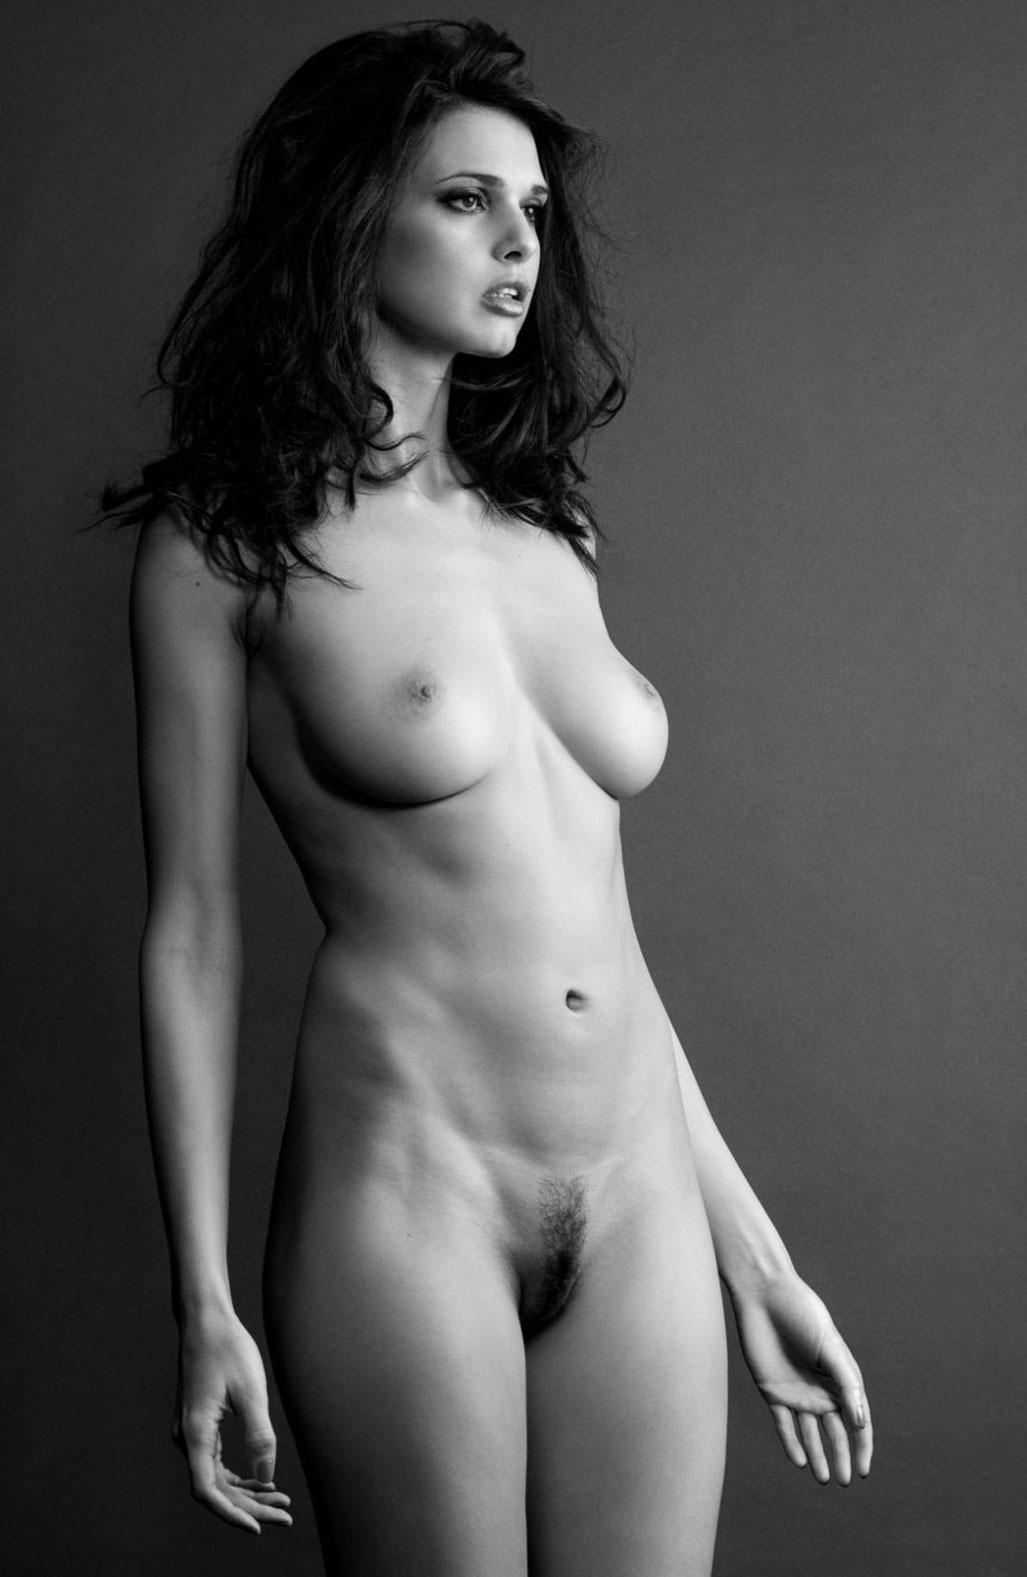 подборка фотографий сексуальных голых девушек - Zoi Gorman